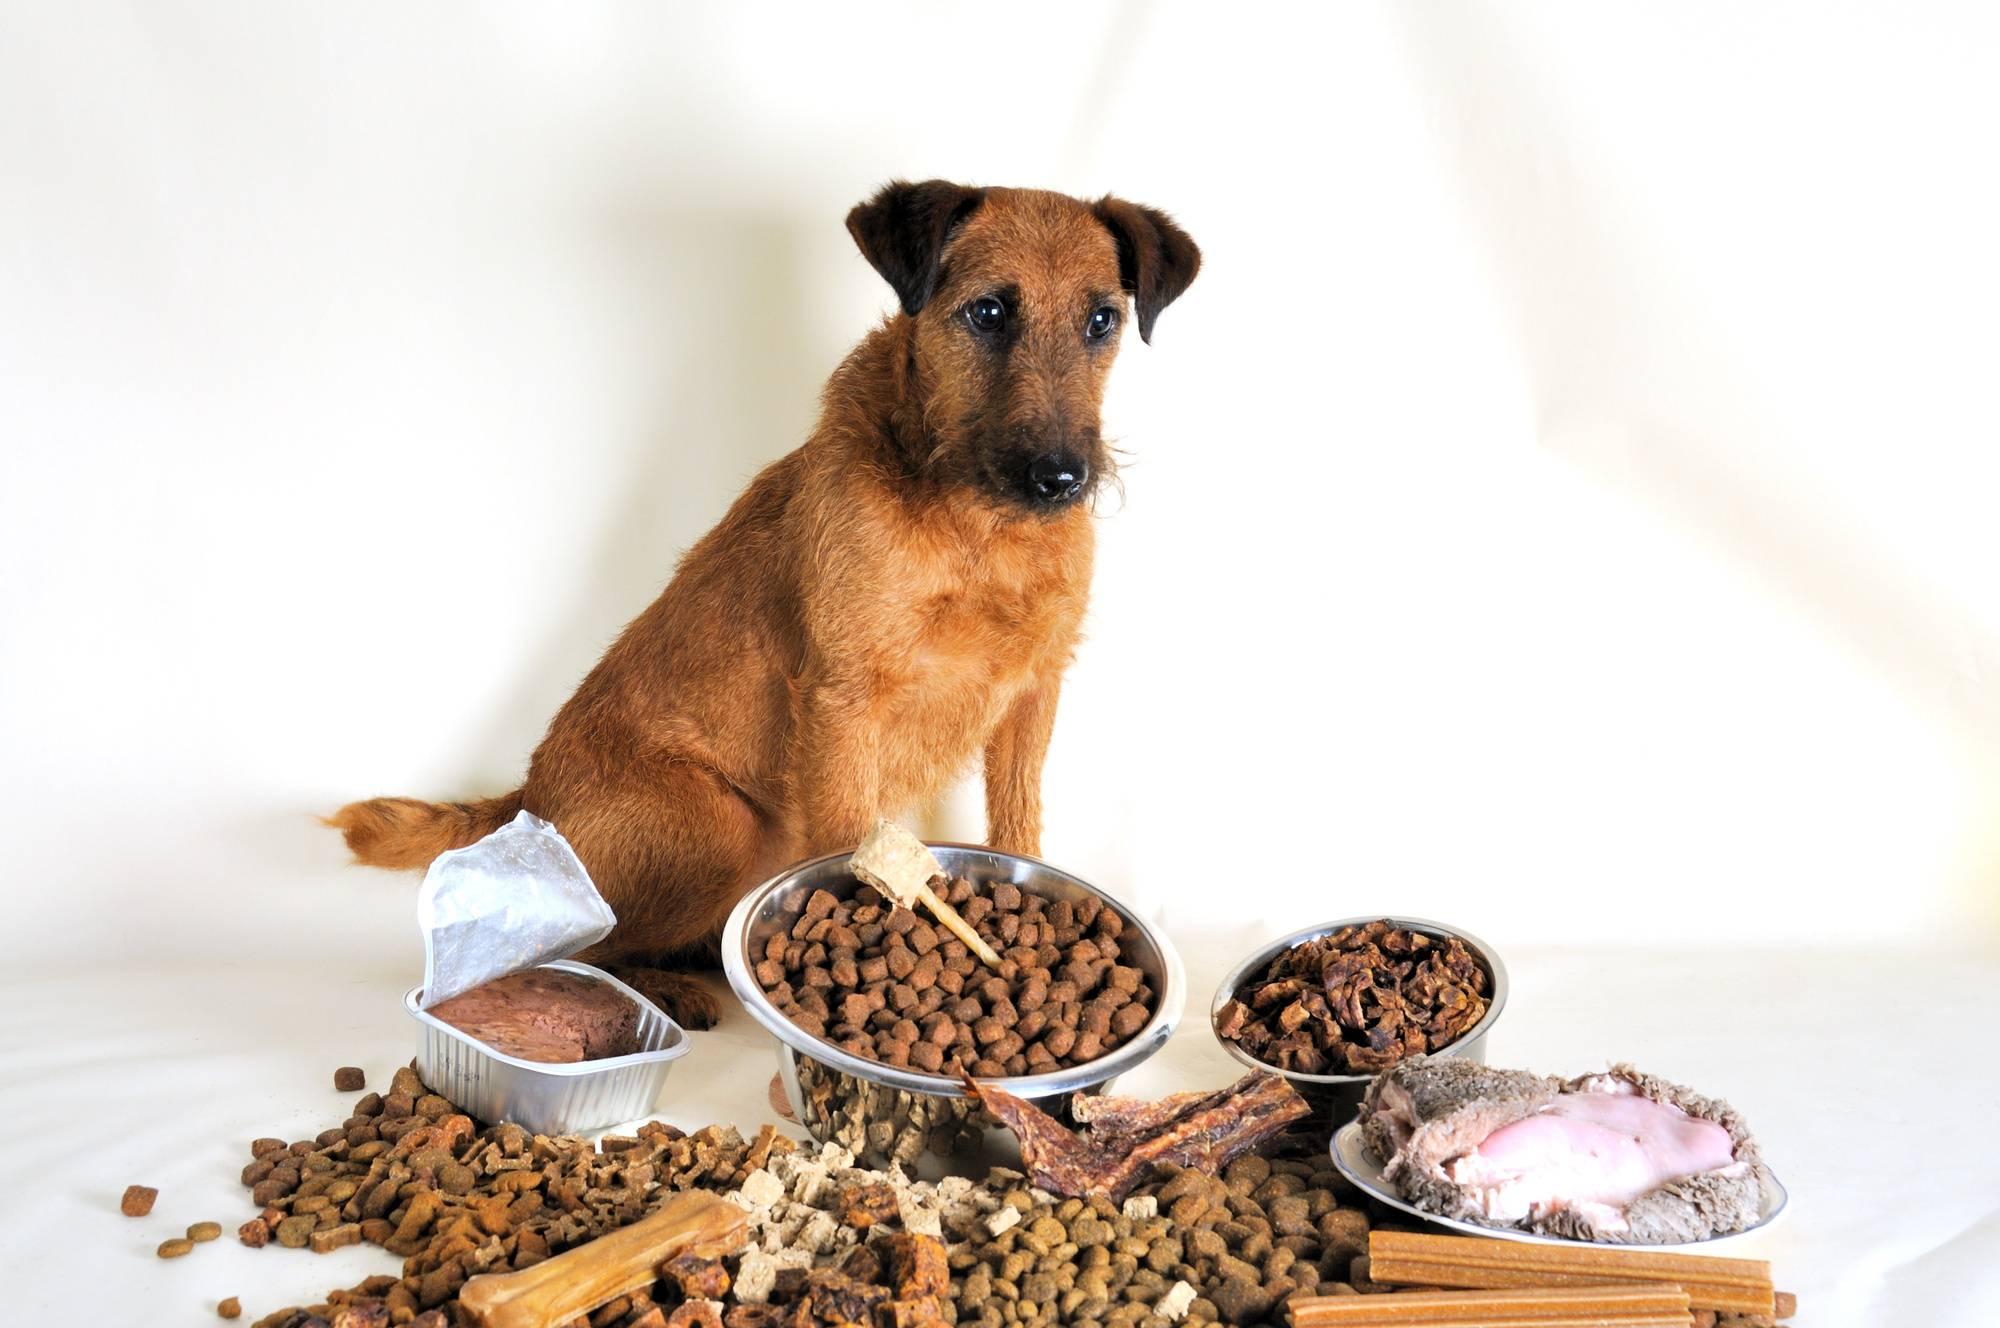 Почему собака не ест сухой корм — что делать, чем кормить собаку, если она не хочет есть сухой корм, отказывается после натуралки